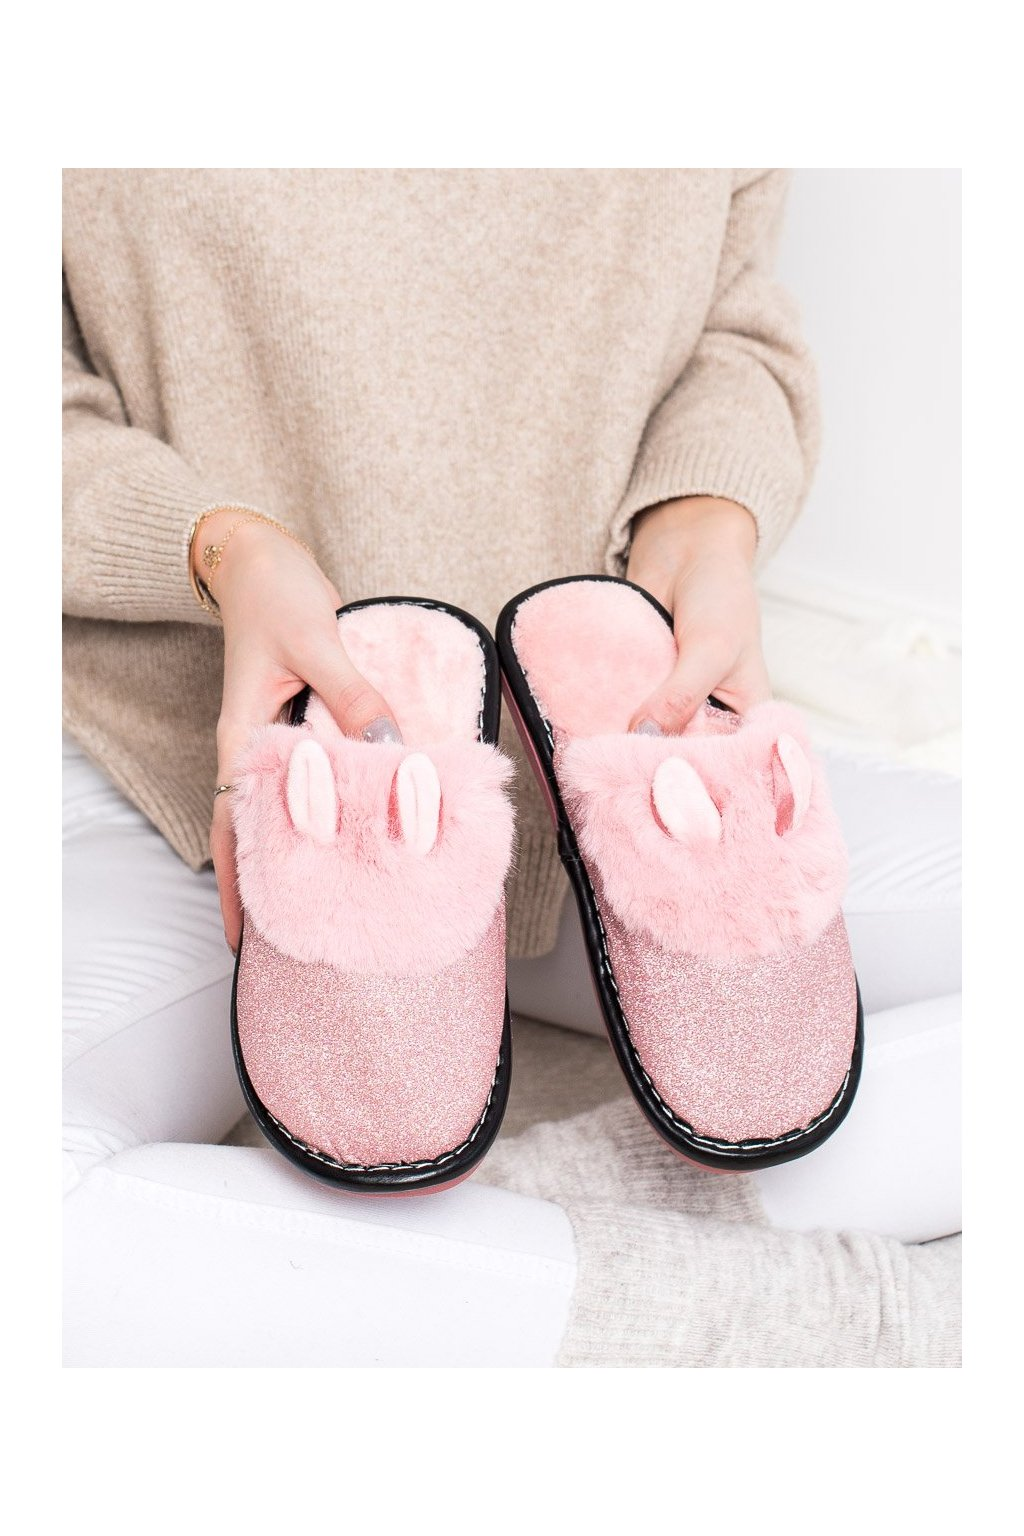 Ružové dámska obuv na doma Bona kod WG-212P